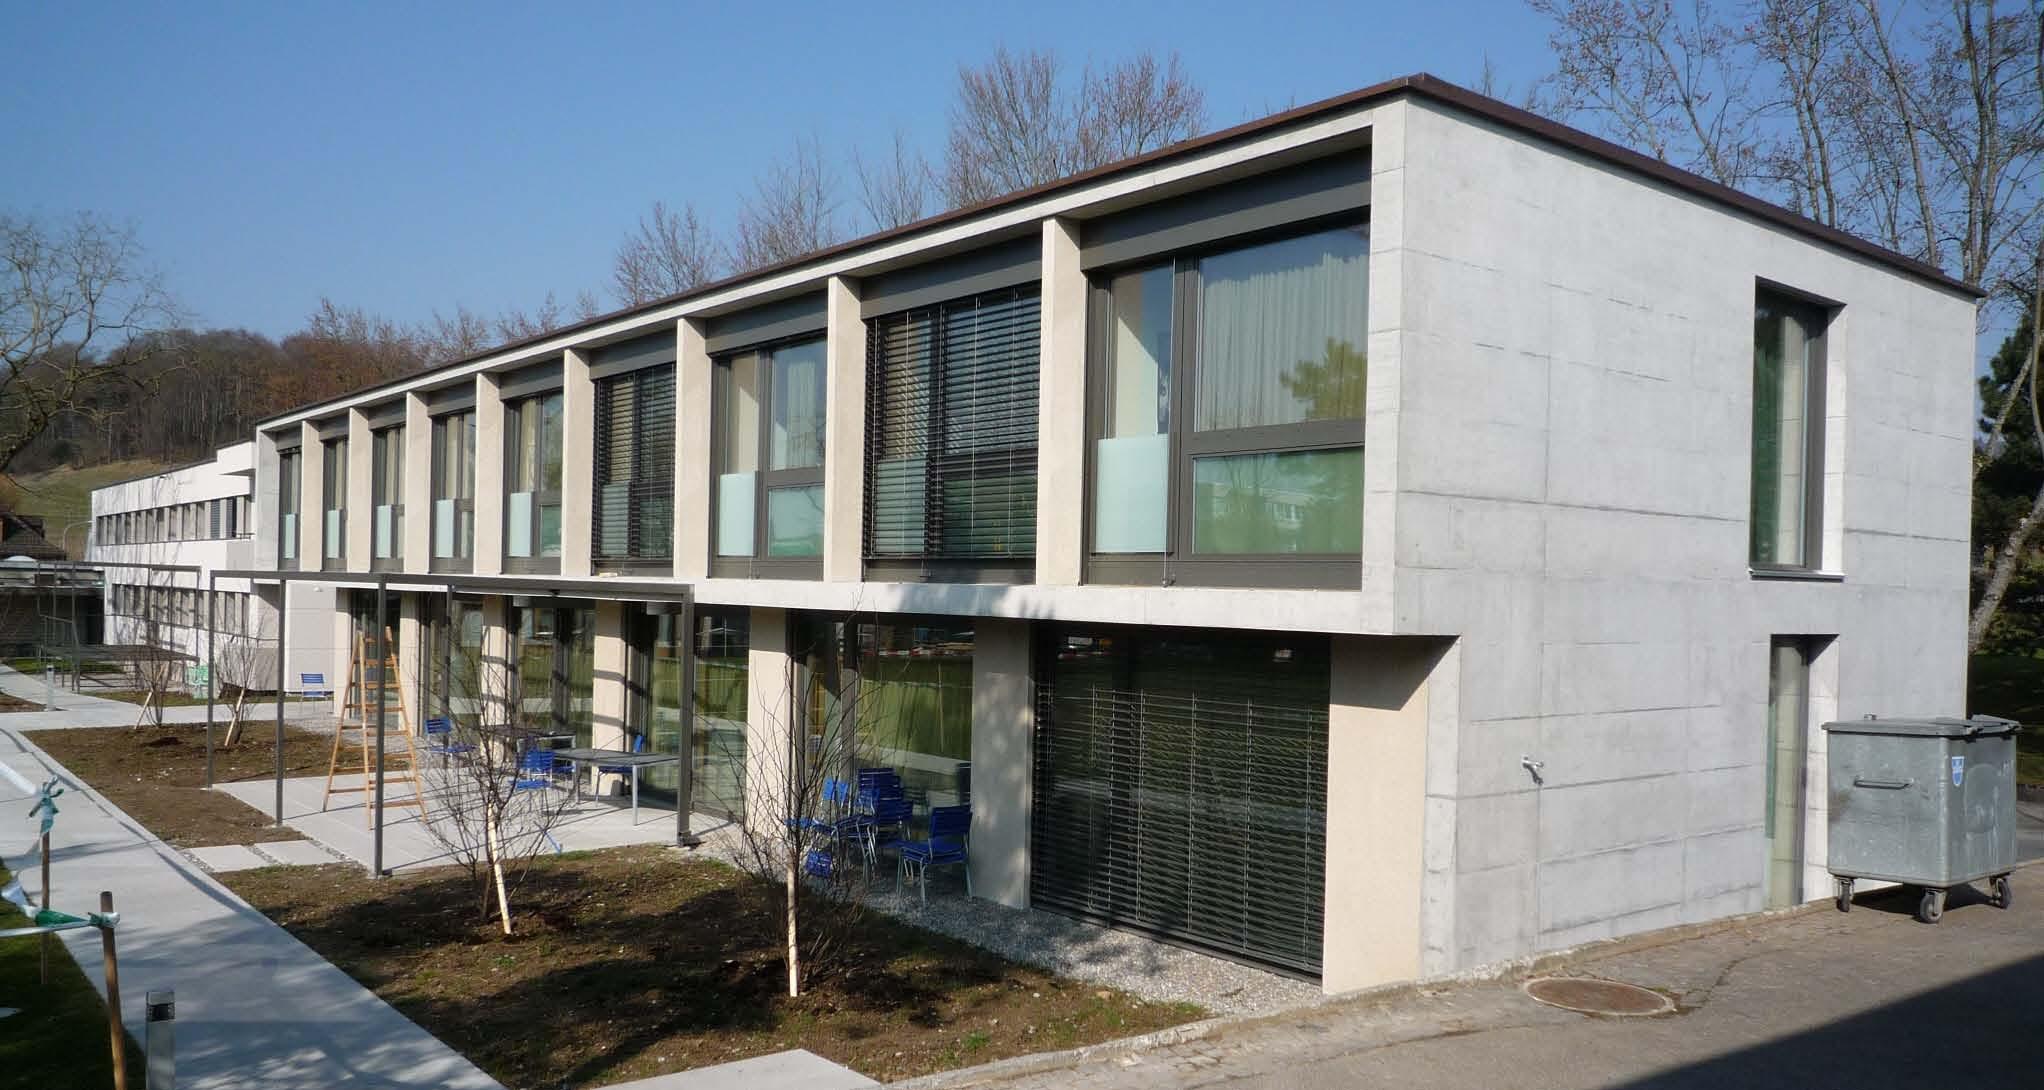 Erweiterung / Neubauten Schenkung Dapples, Zürich